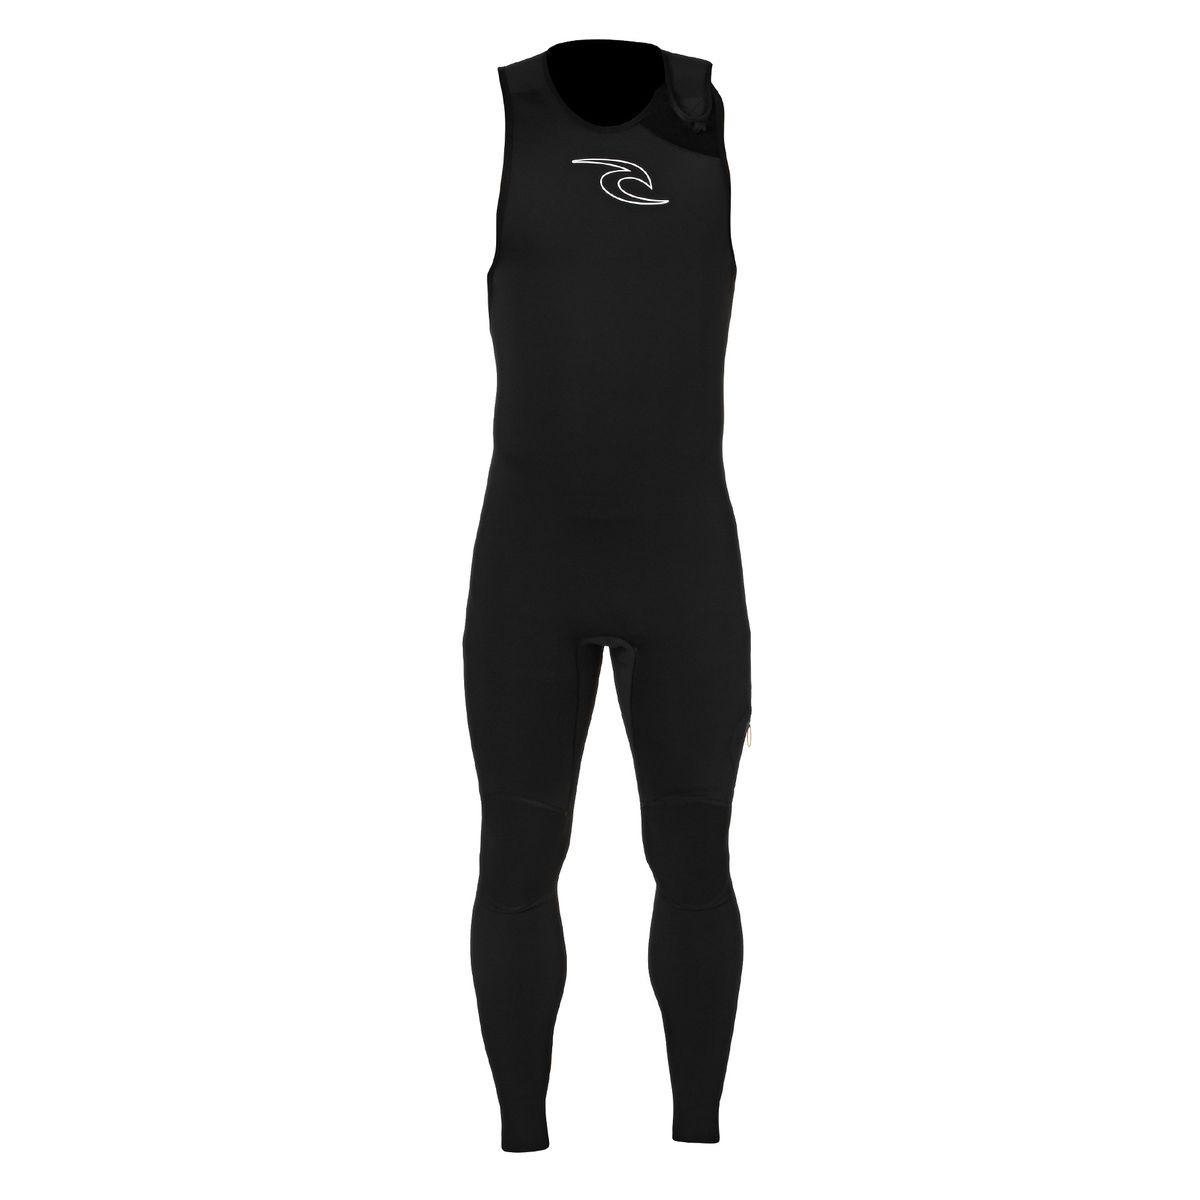 Rip Curl Dawn Patrol 1.5mm Zipperless Long John Wetsuit - Black